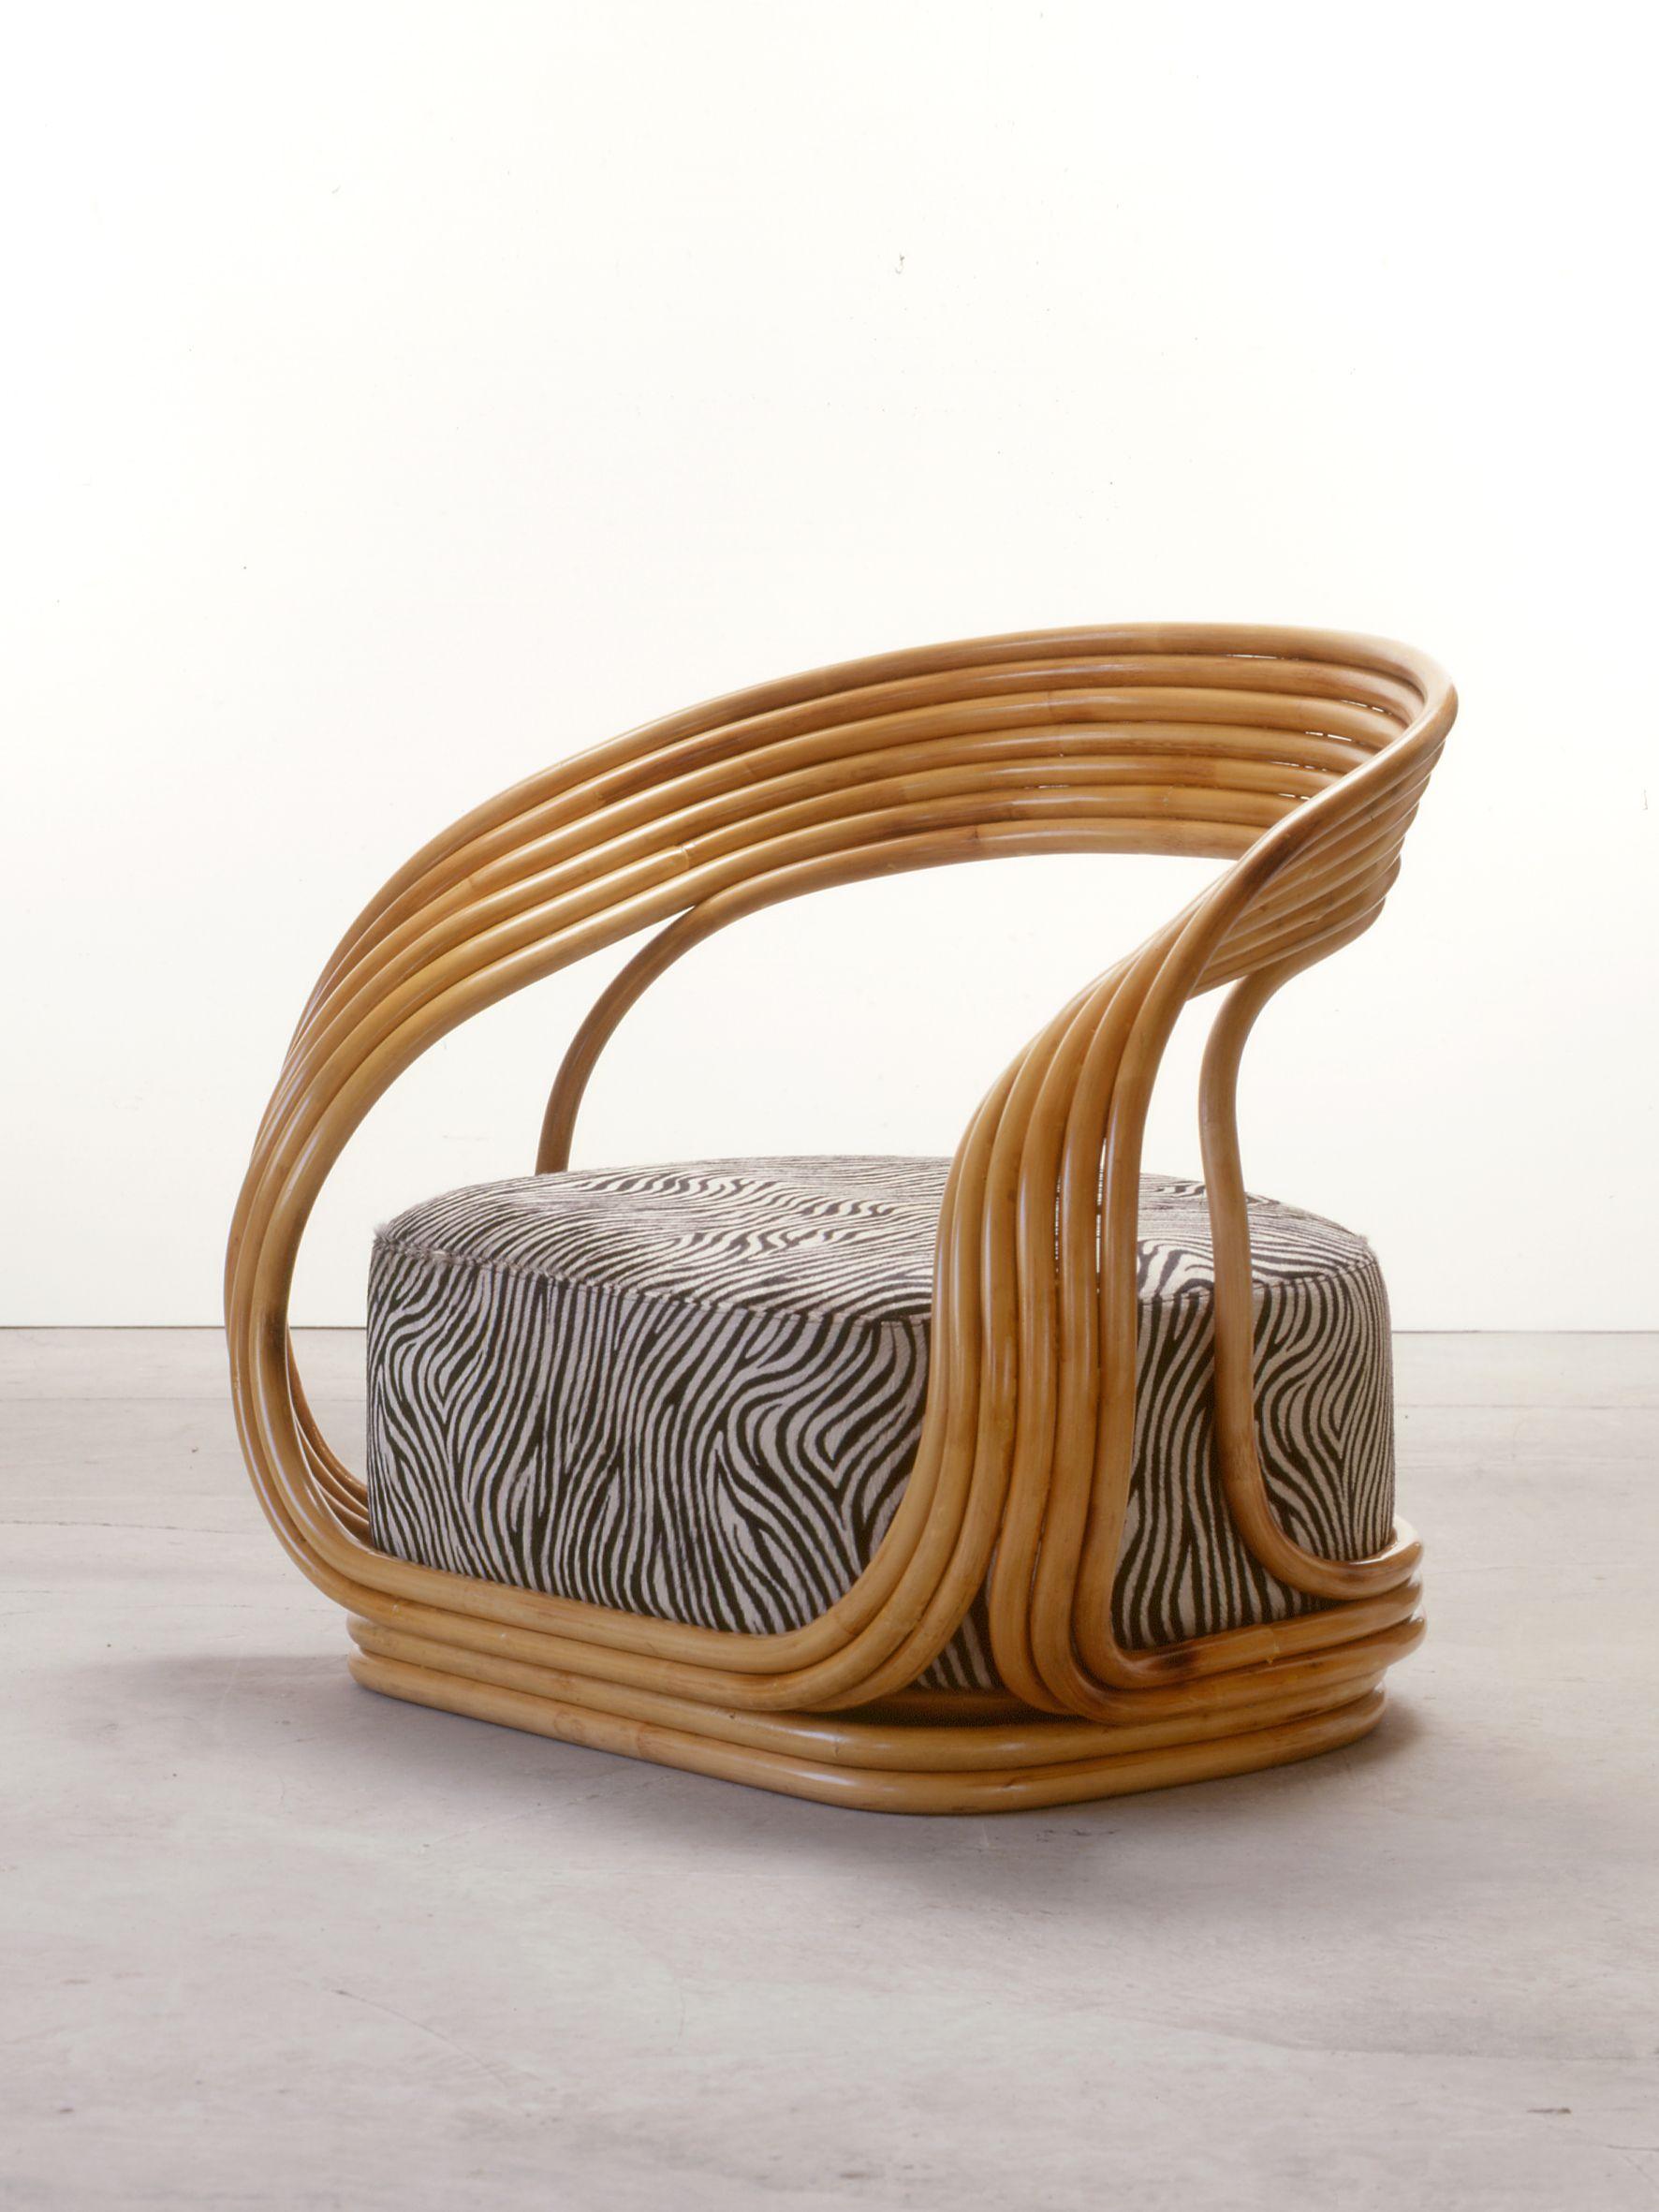 Product Eva Manufacturer Vittorio Bonacina Designer Giovanni